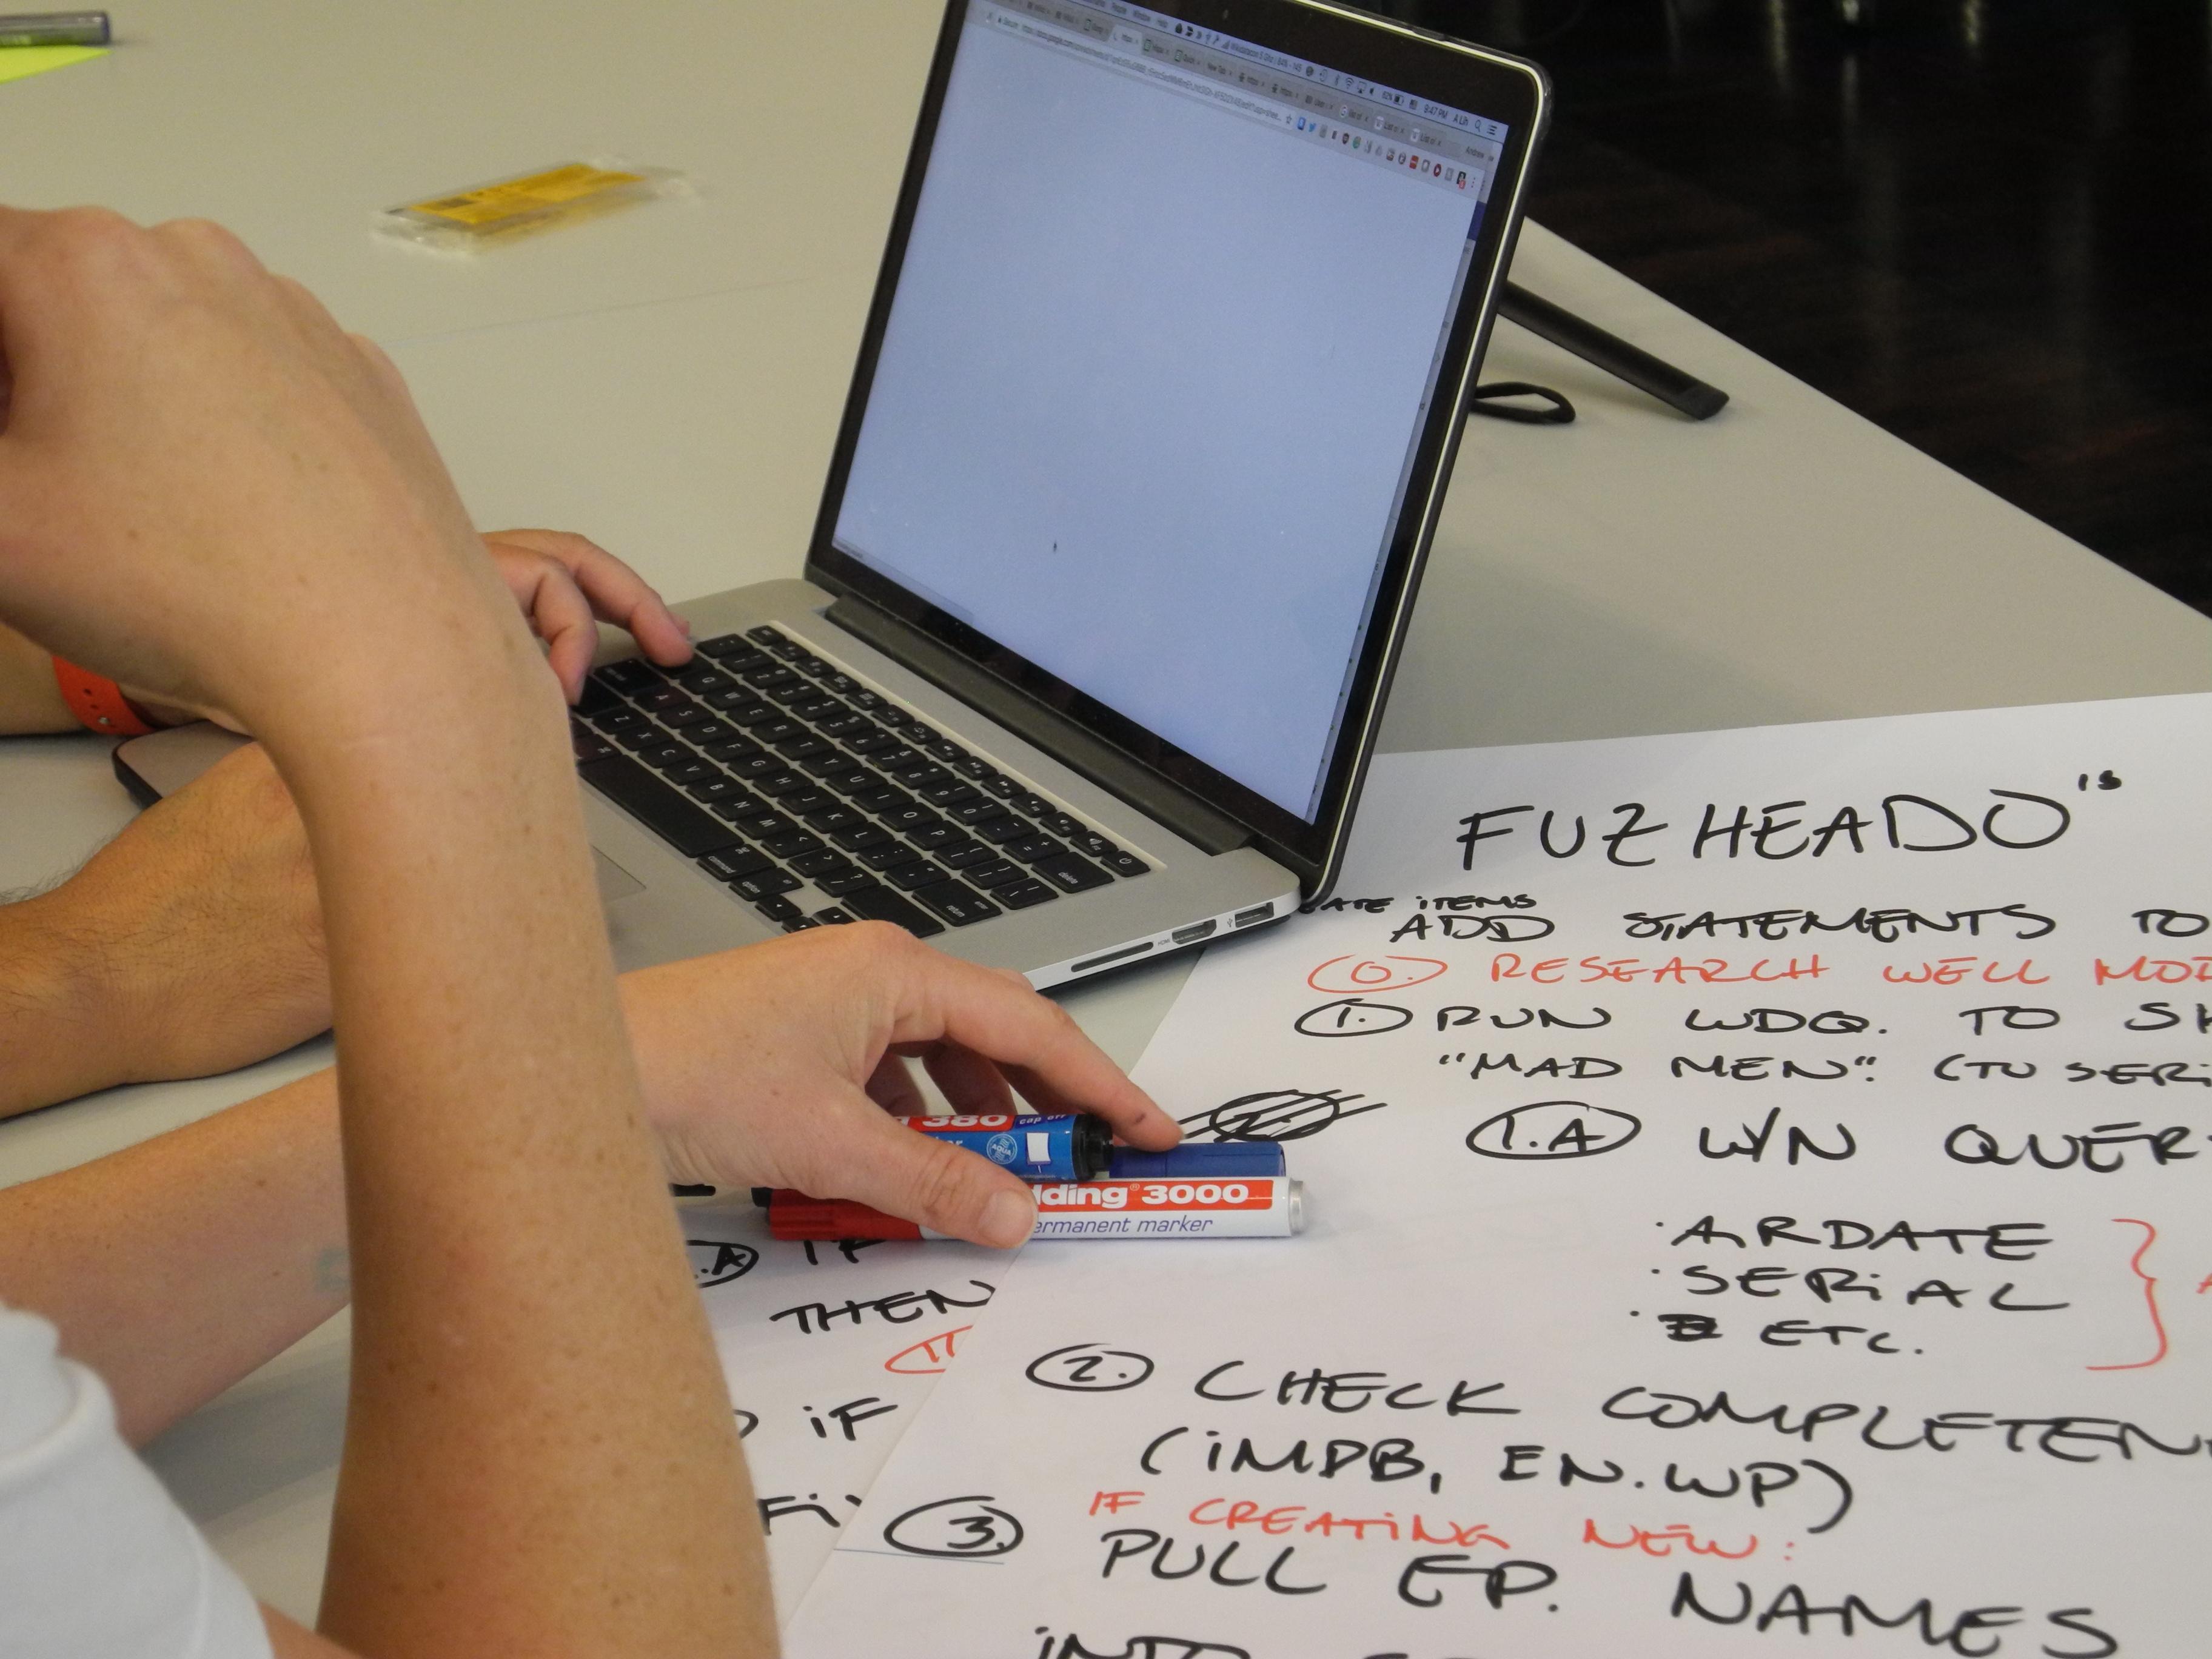 File:Wikidatacon ux participatorydesignworkshop 12.jpg